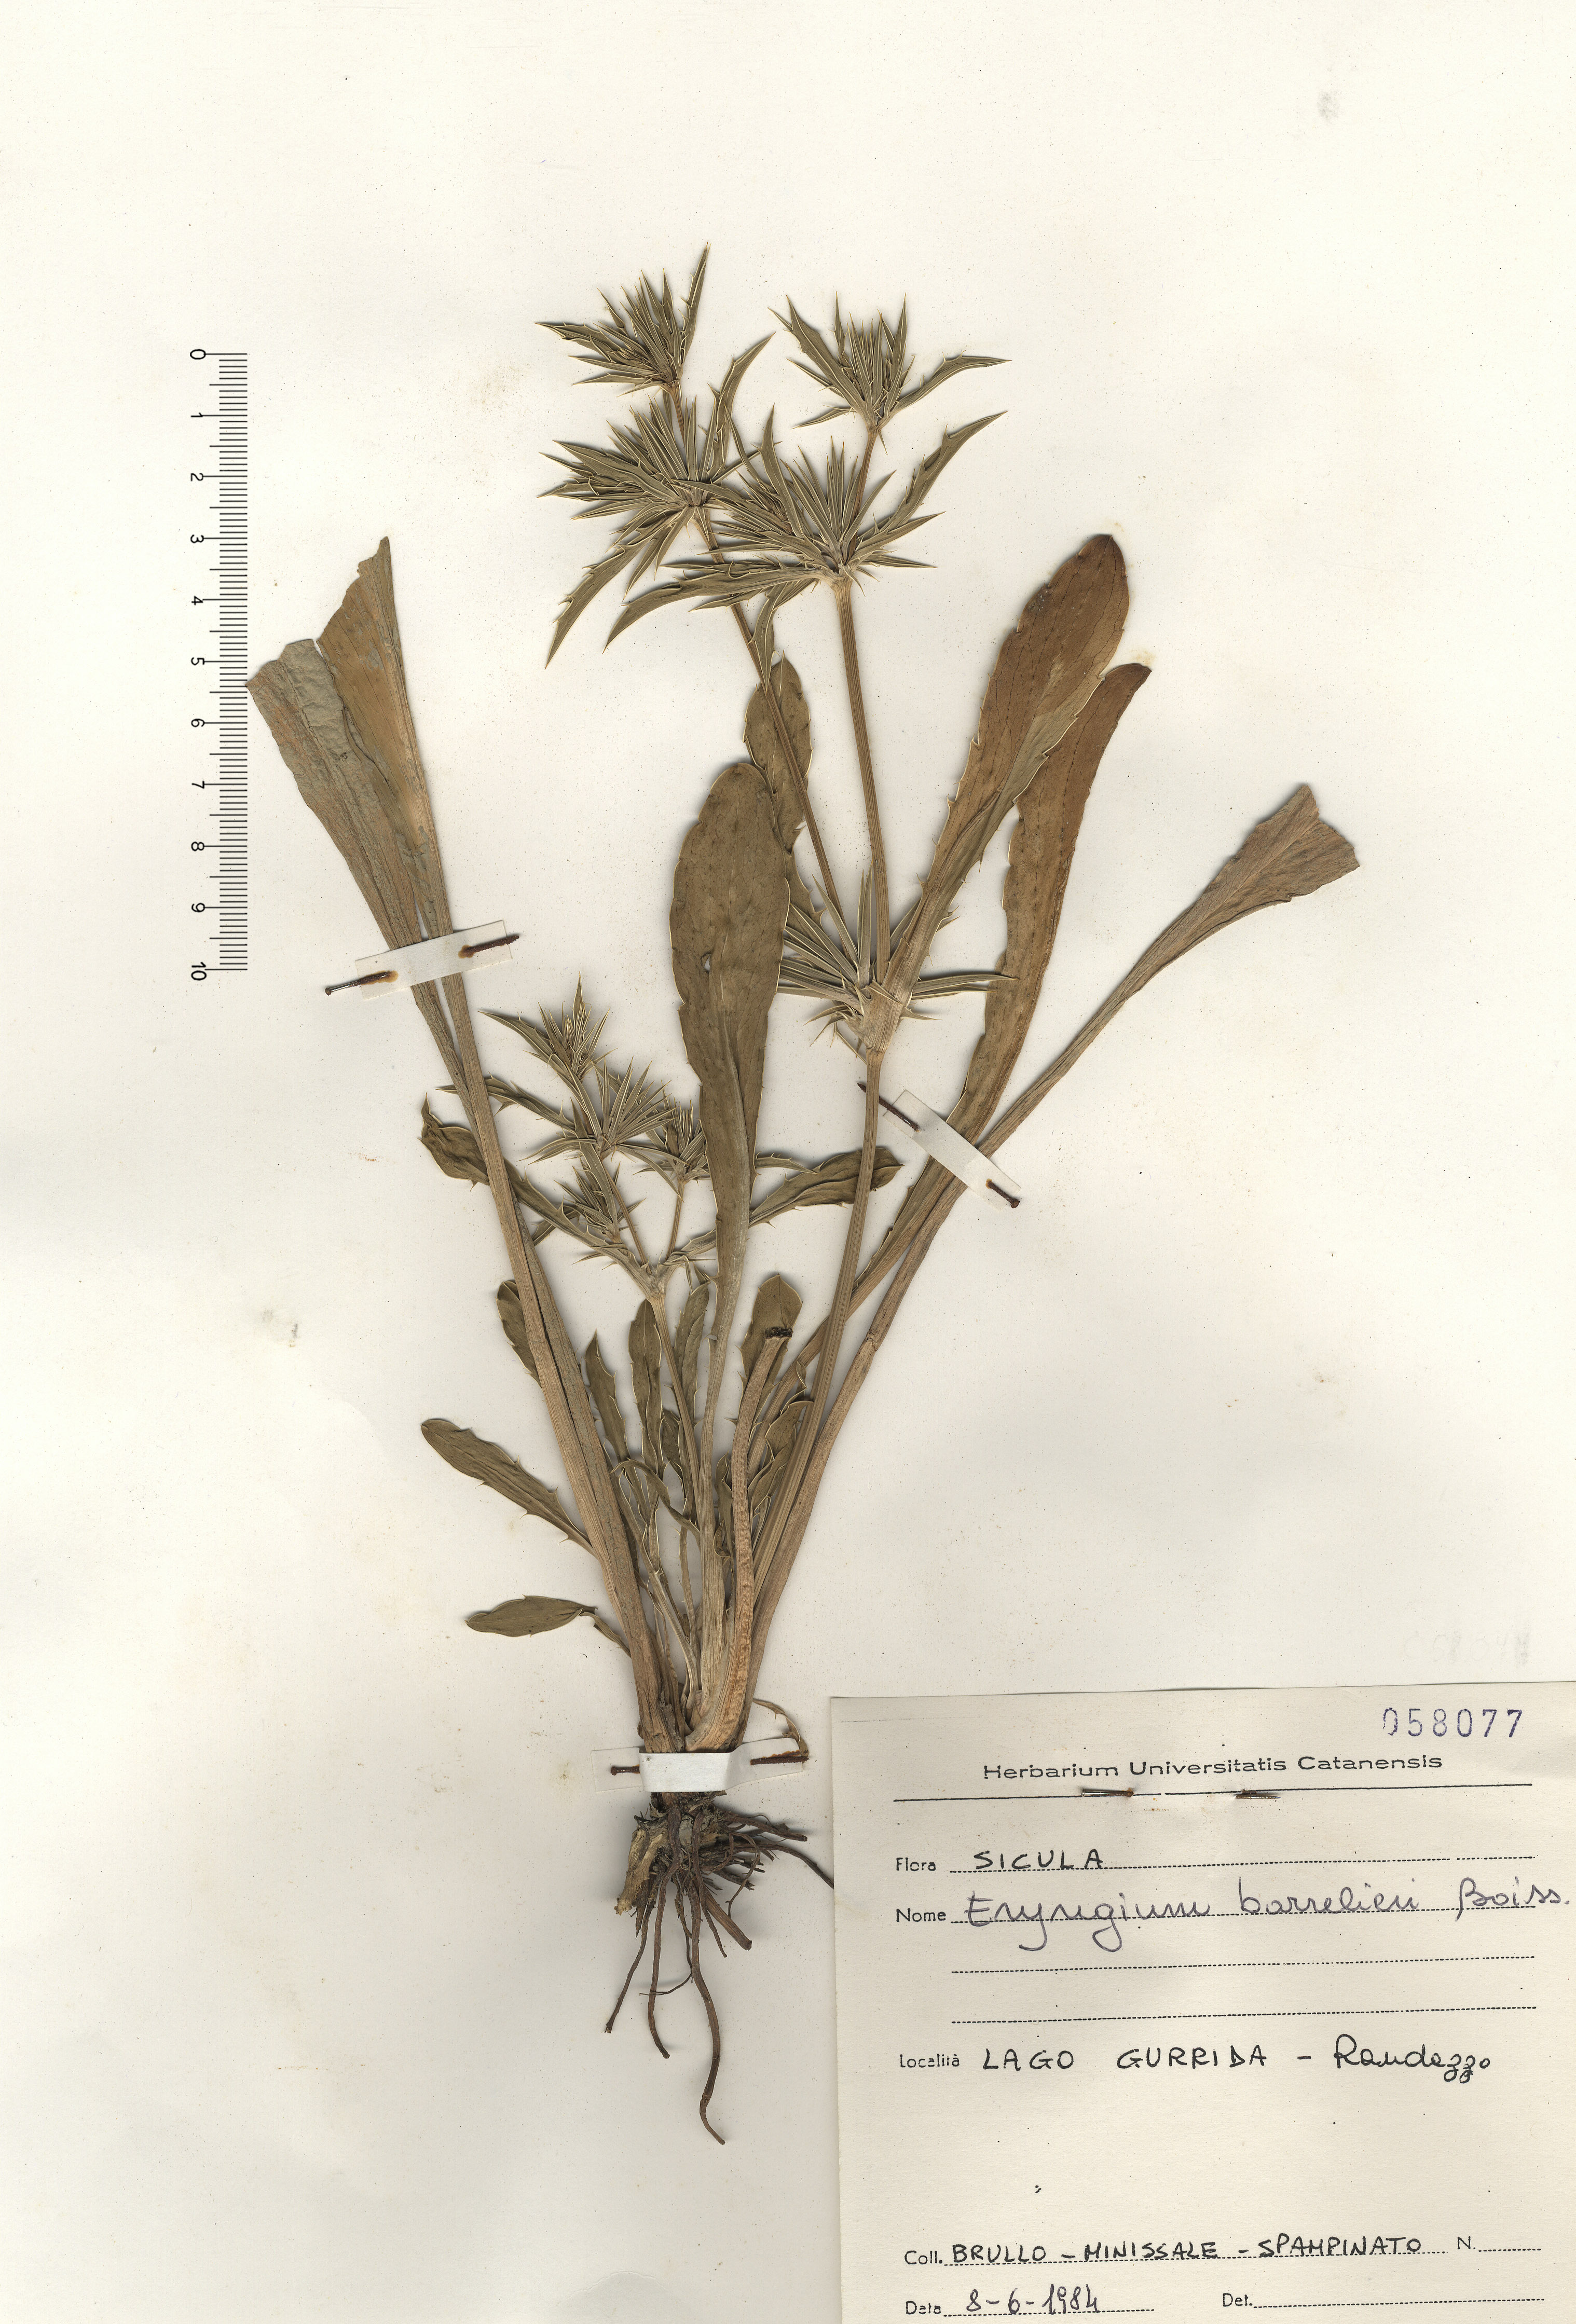 © Hortus Botanicus Catinensis - Herb. sheet 058077<br>